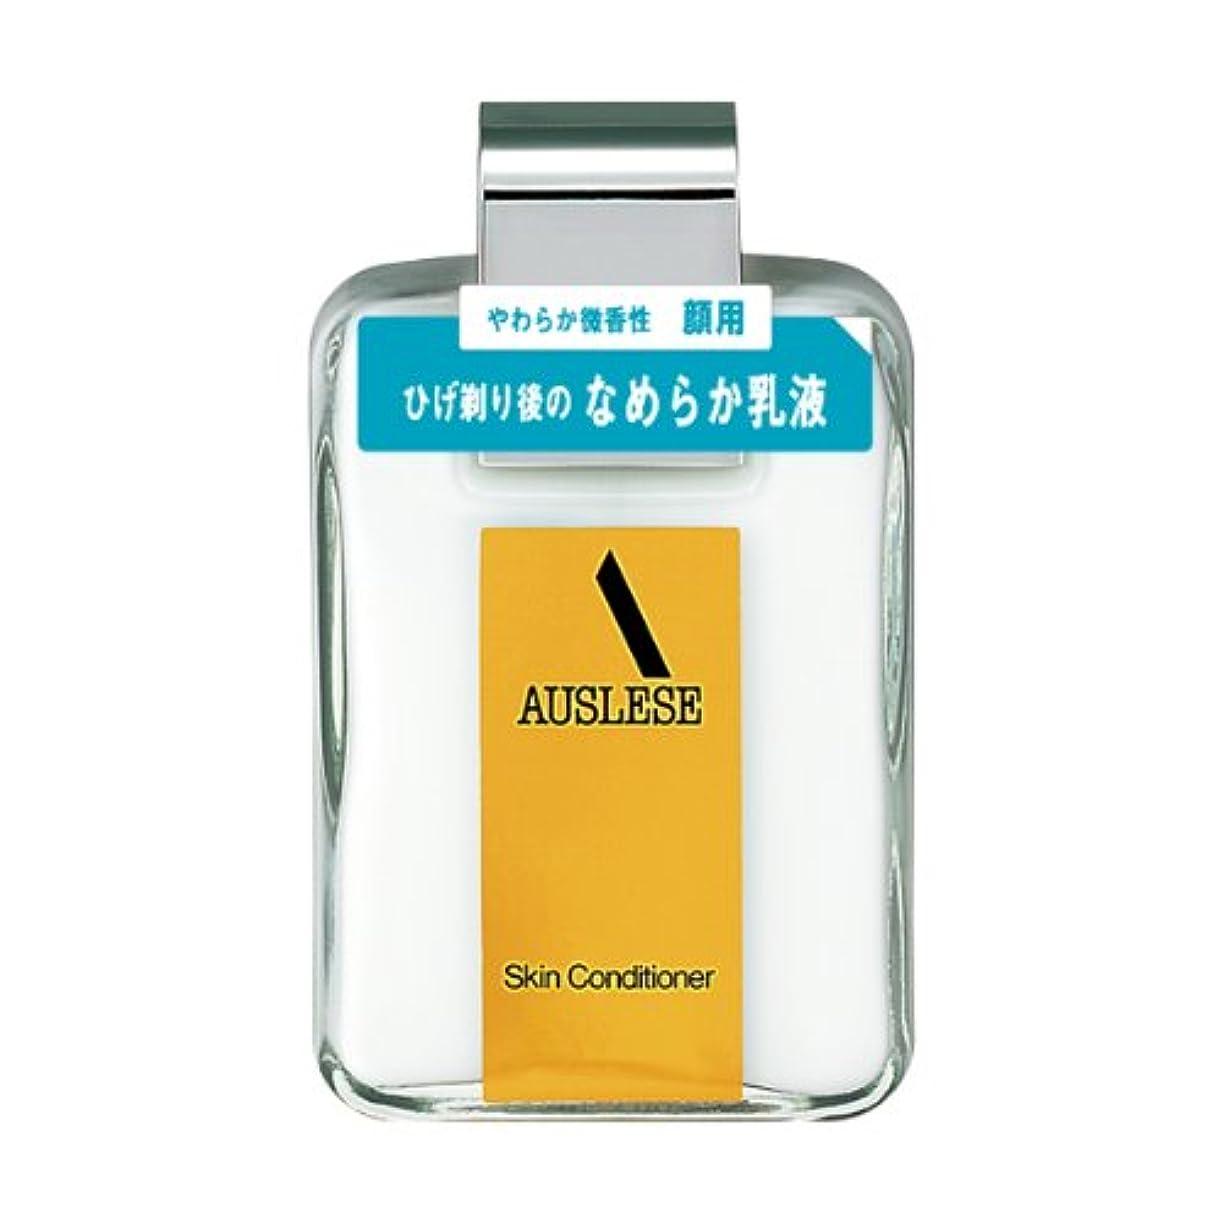 期限労苦免疫アウスレーゼ スキンコンディショナーNA 120mL 【医薬部外品】